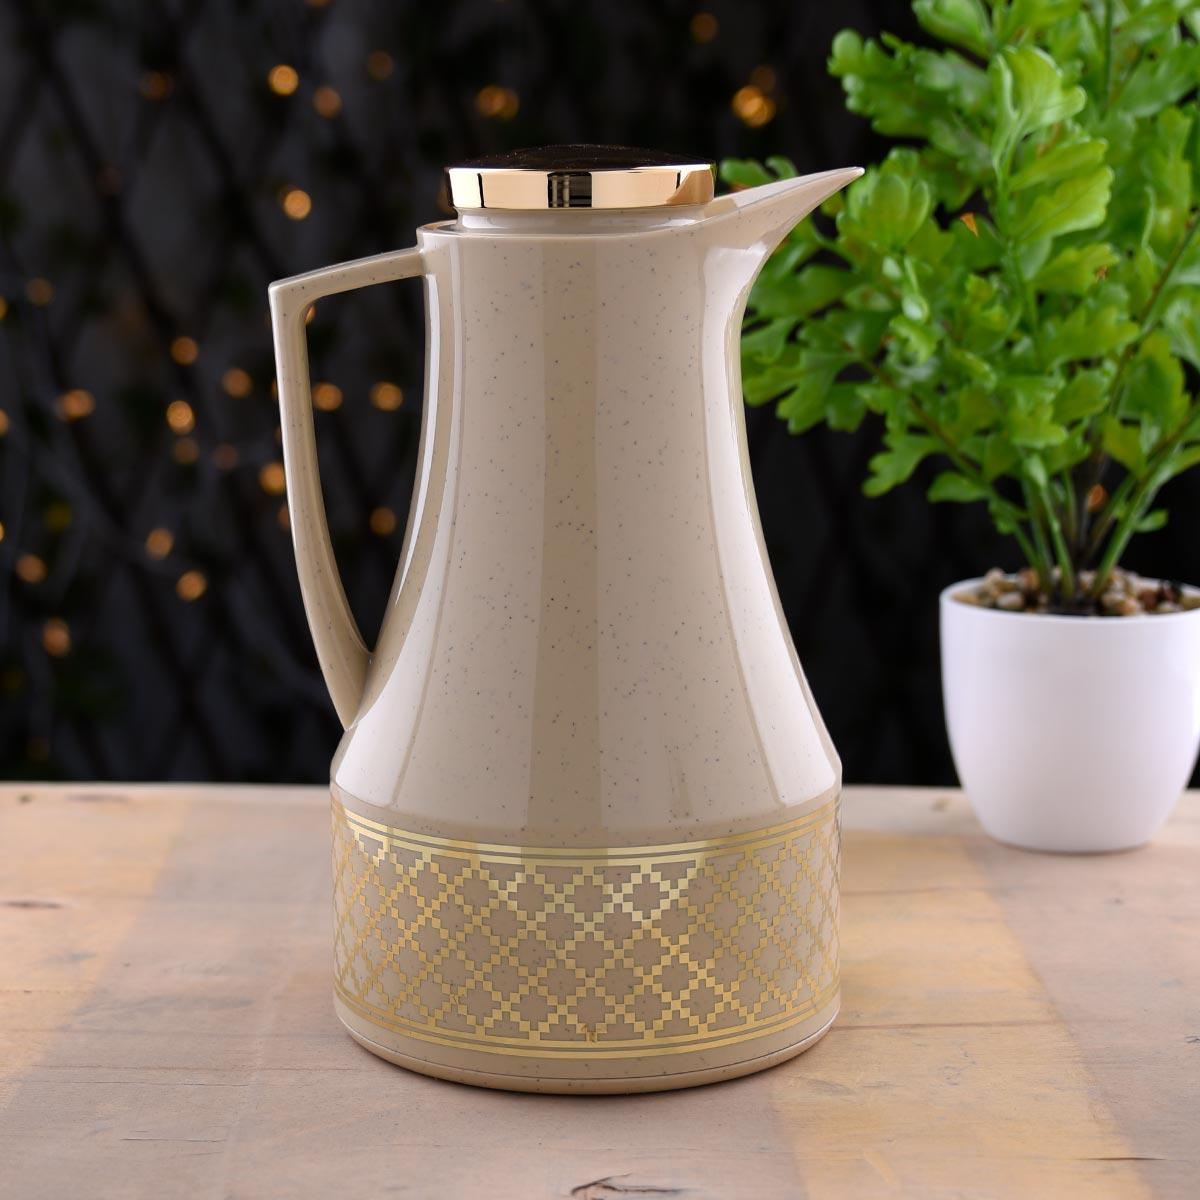 ترمس شاي وقهوة ديفا - DEVA - مقاس 1.0لتر - رقم K190492/GRBE